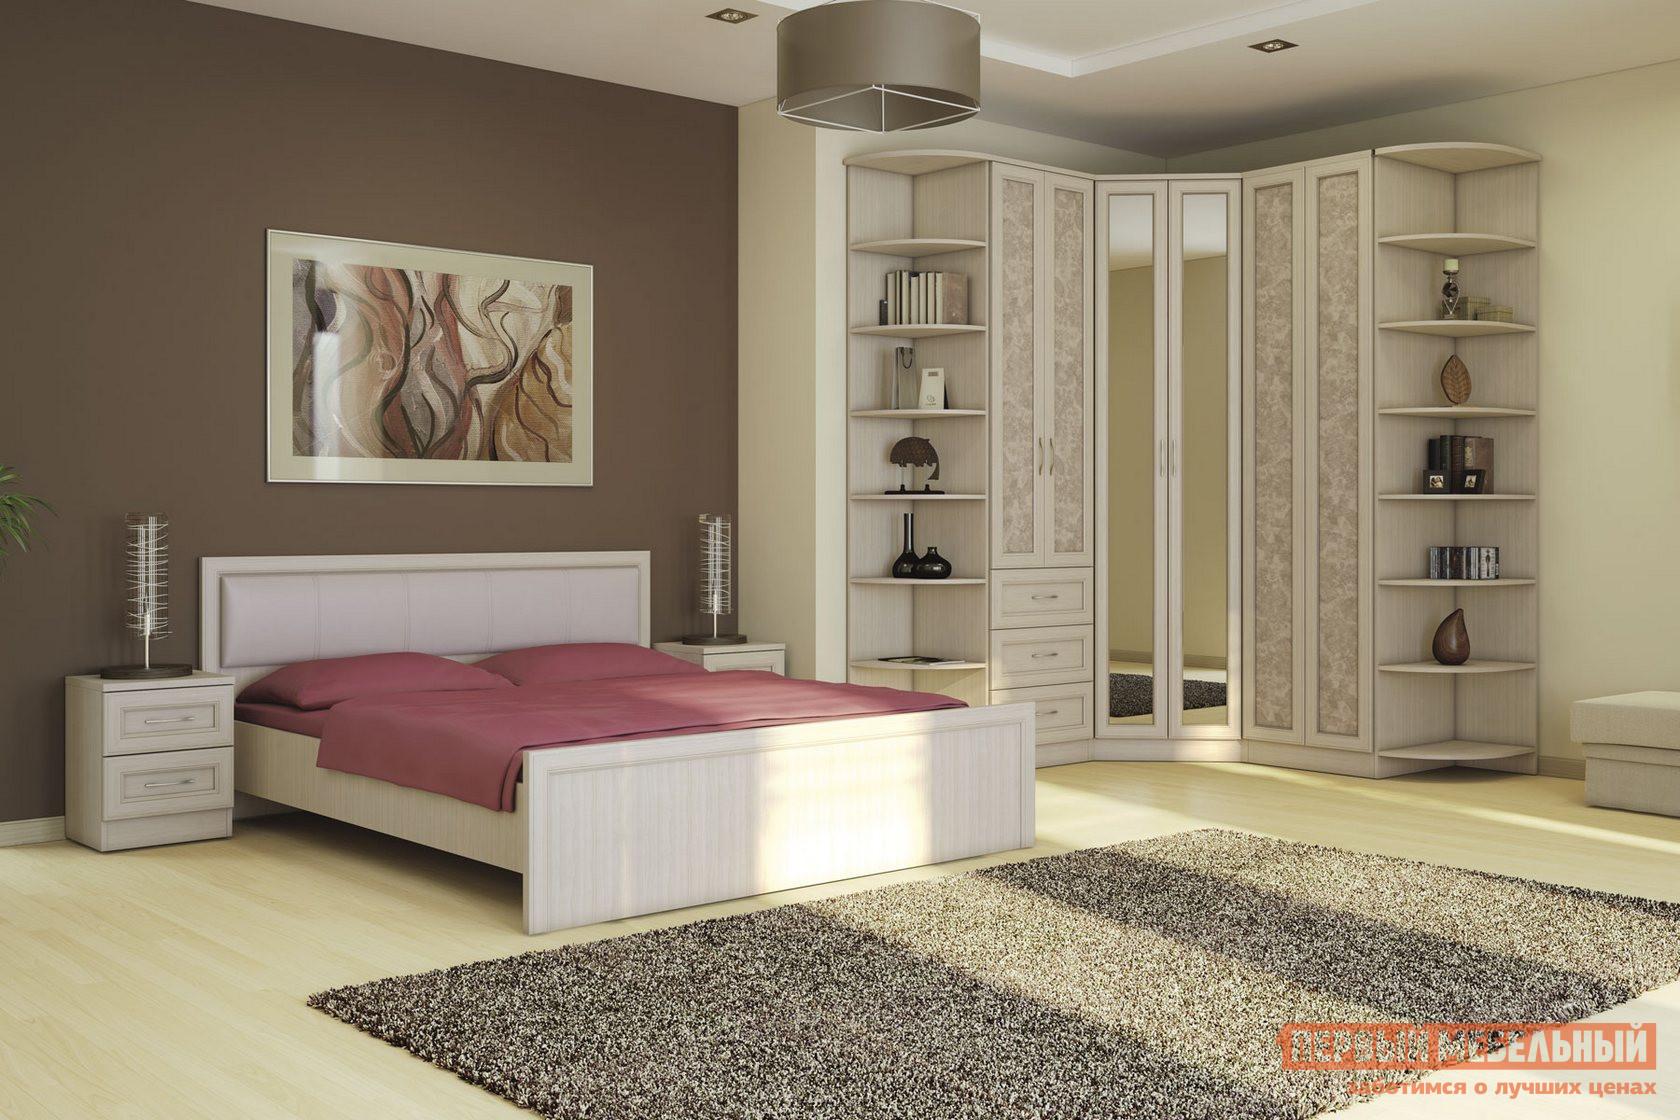 Полуторная кровать СтолЛайн СТЛ.098.35 кровать столлайн чердак мика стл 121 07 дуб кремона ясень кассино